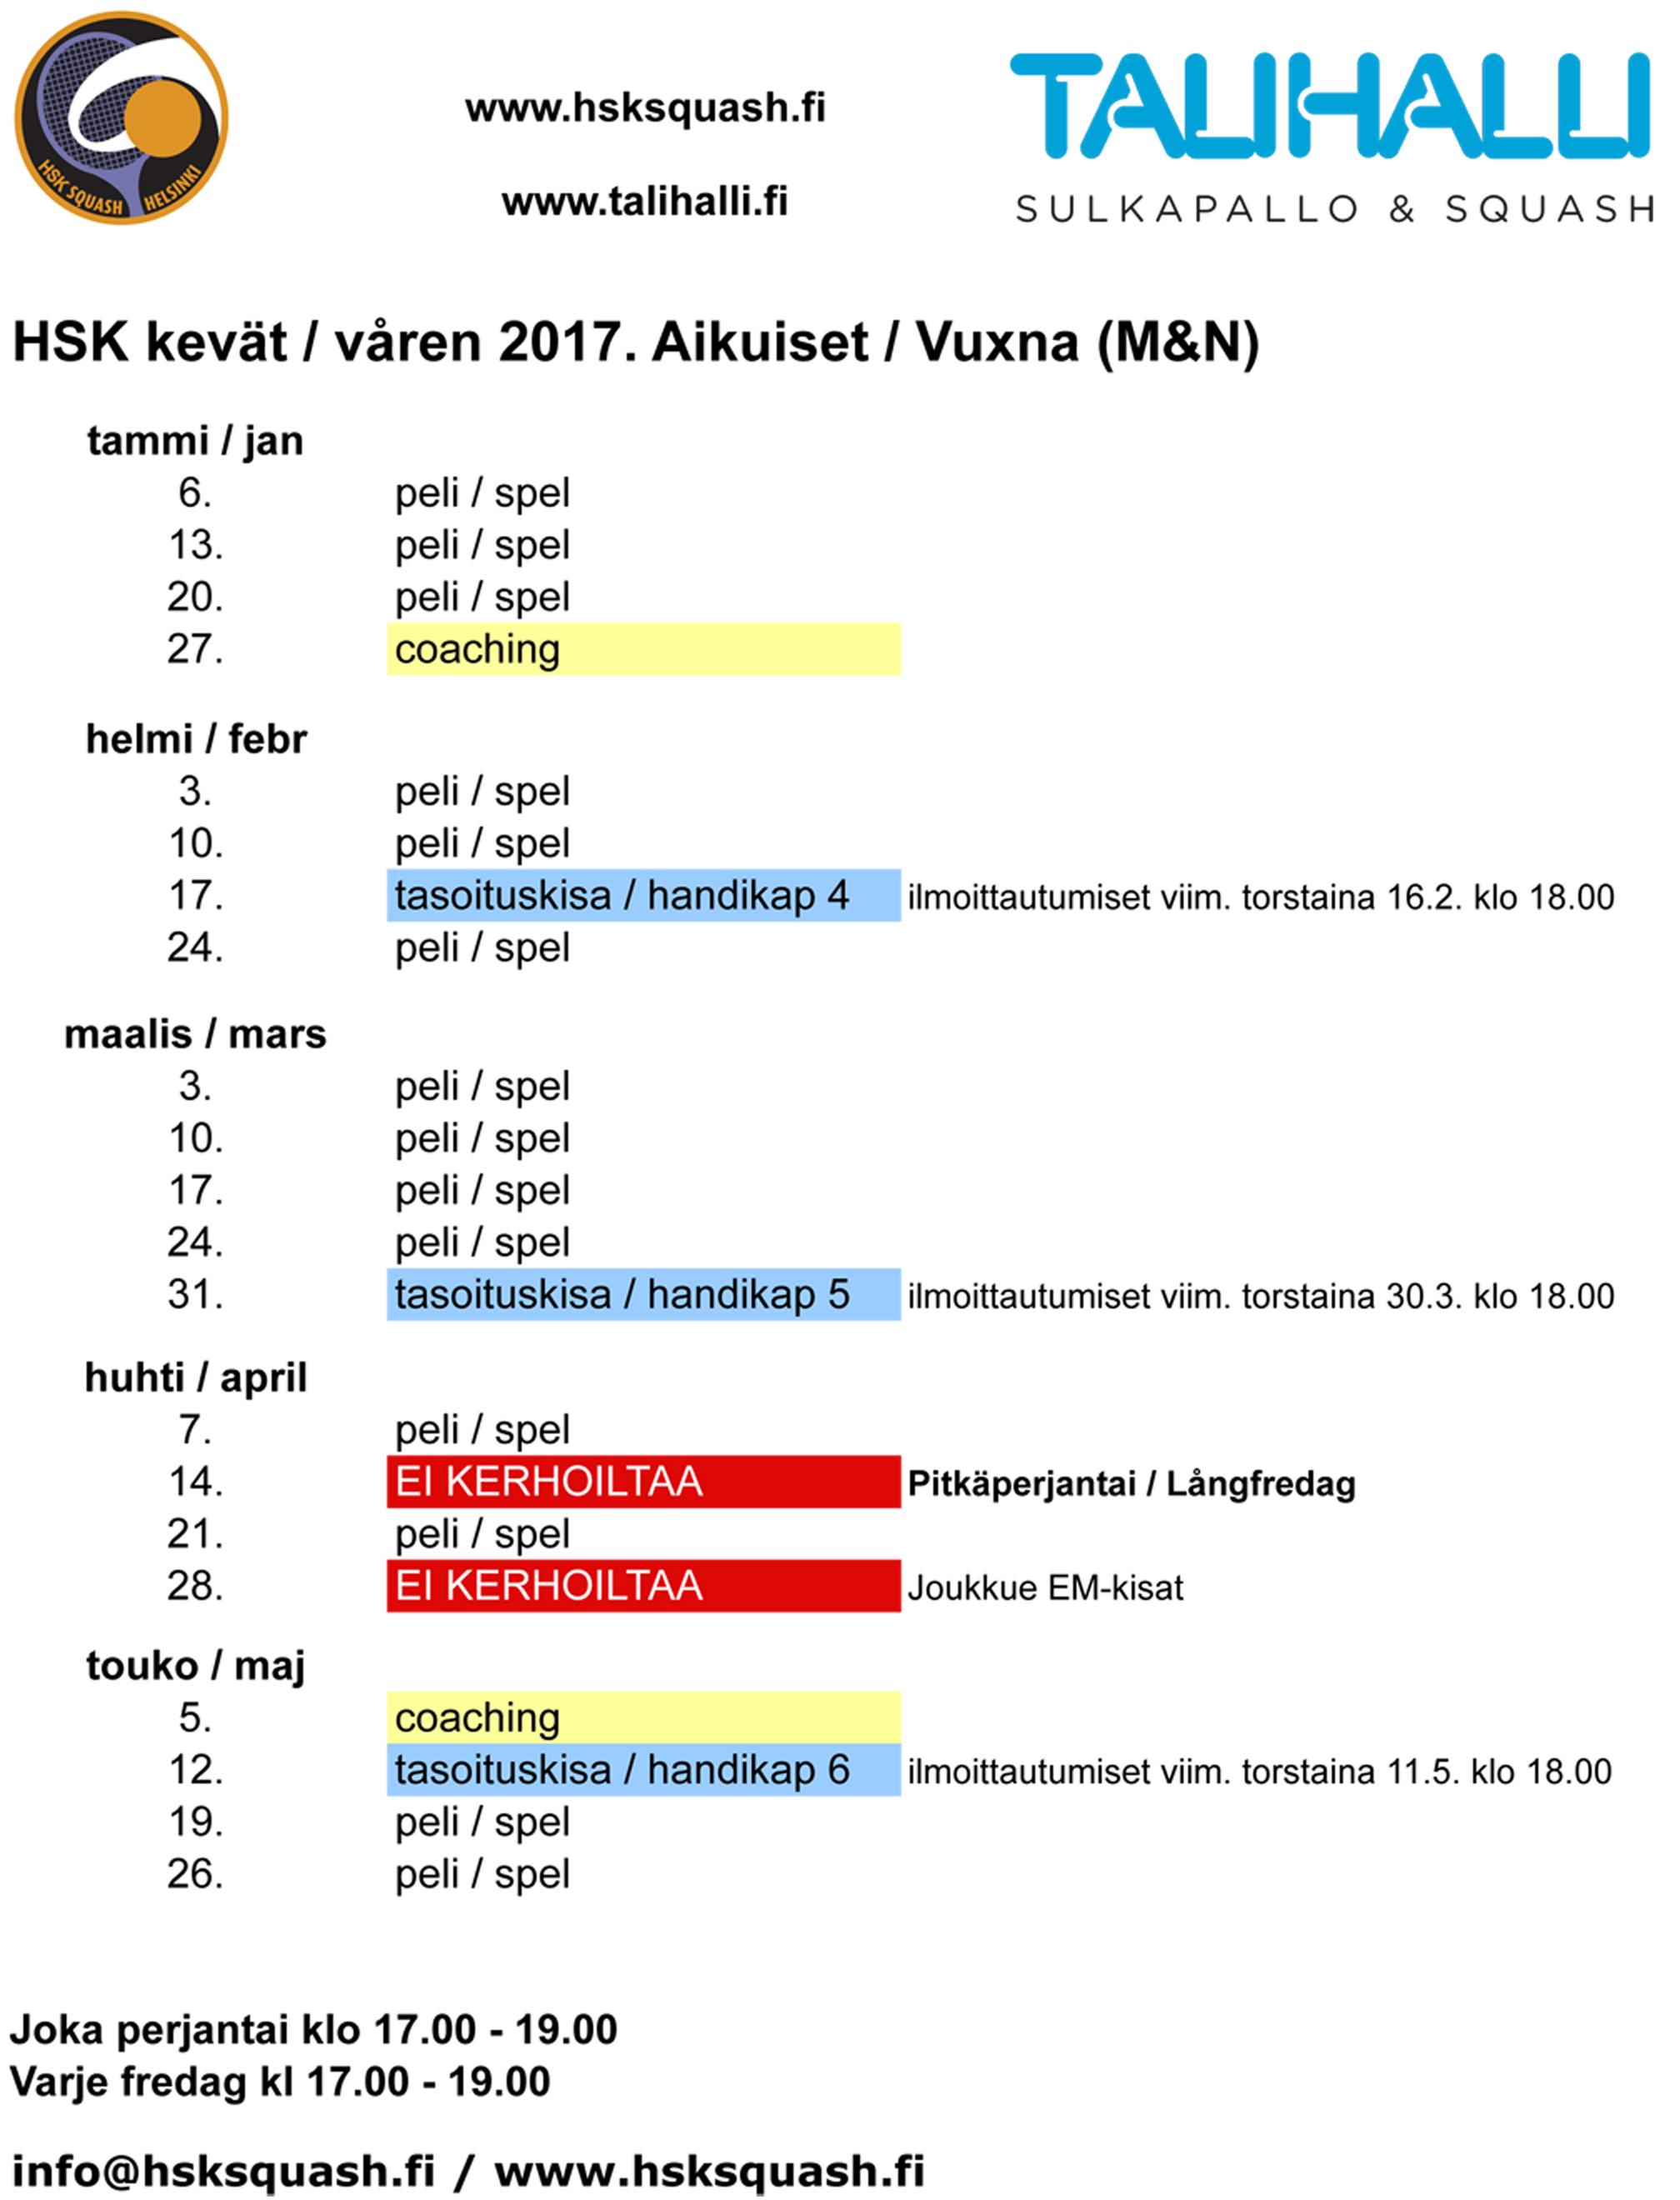 HSK kevat 2017 v3